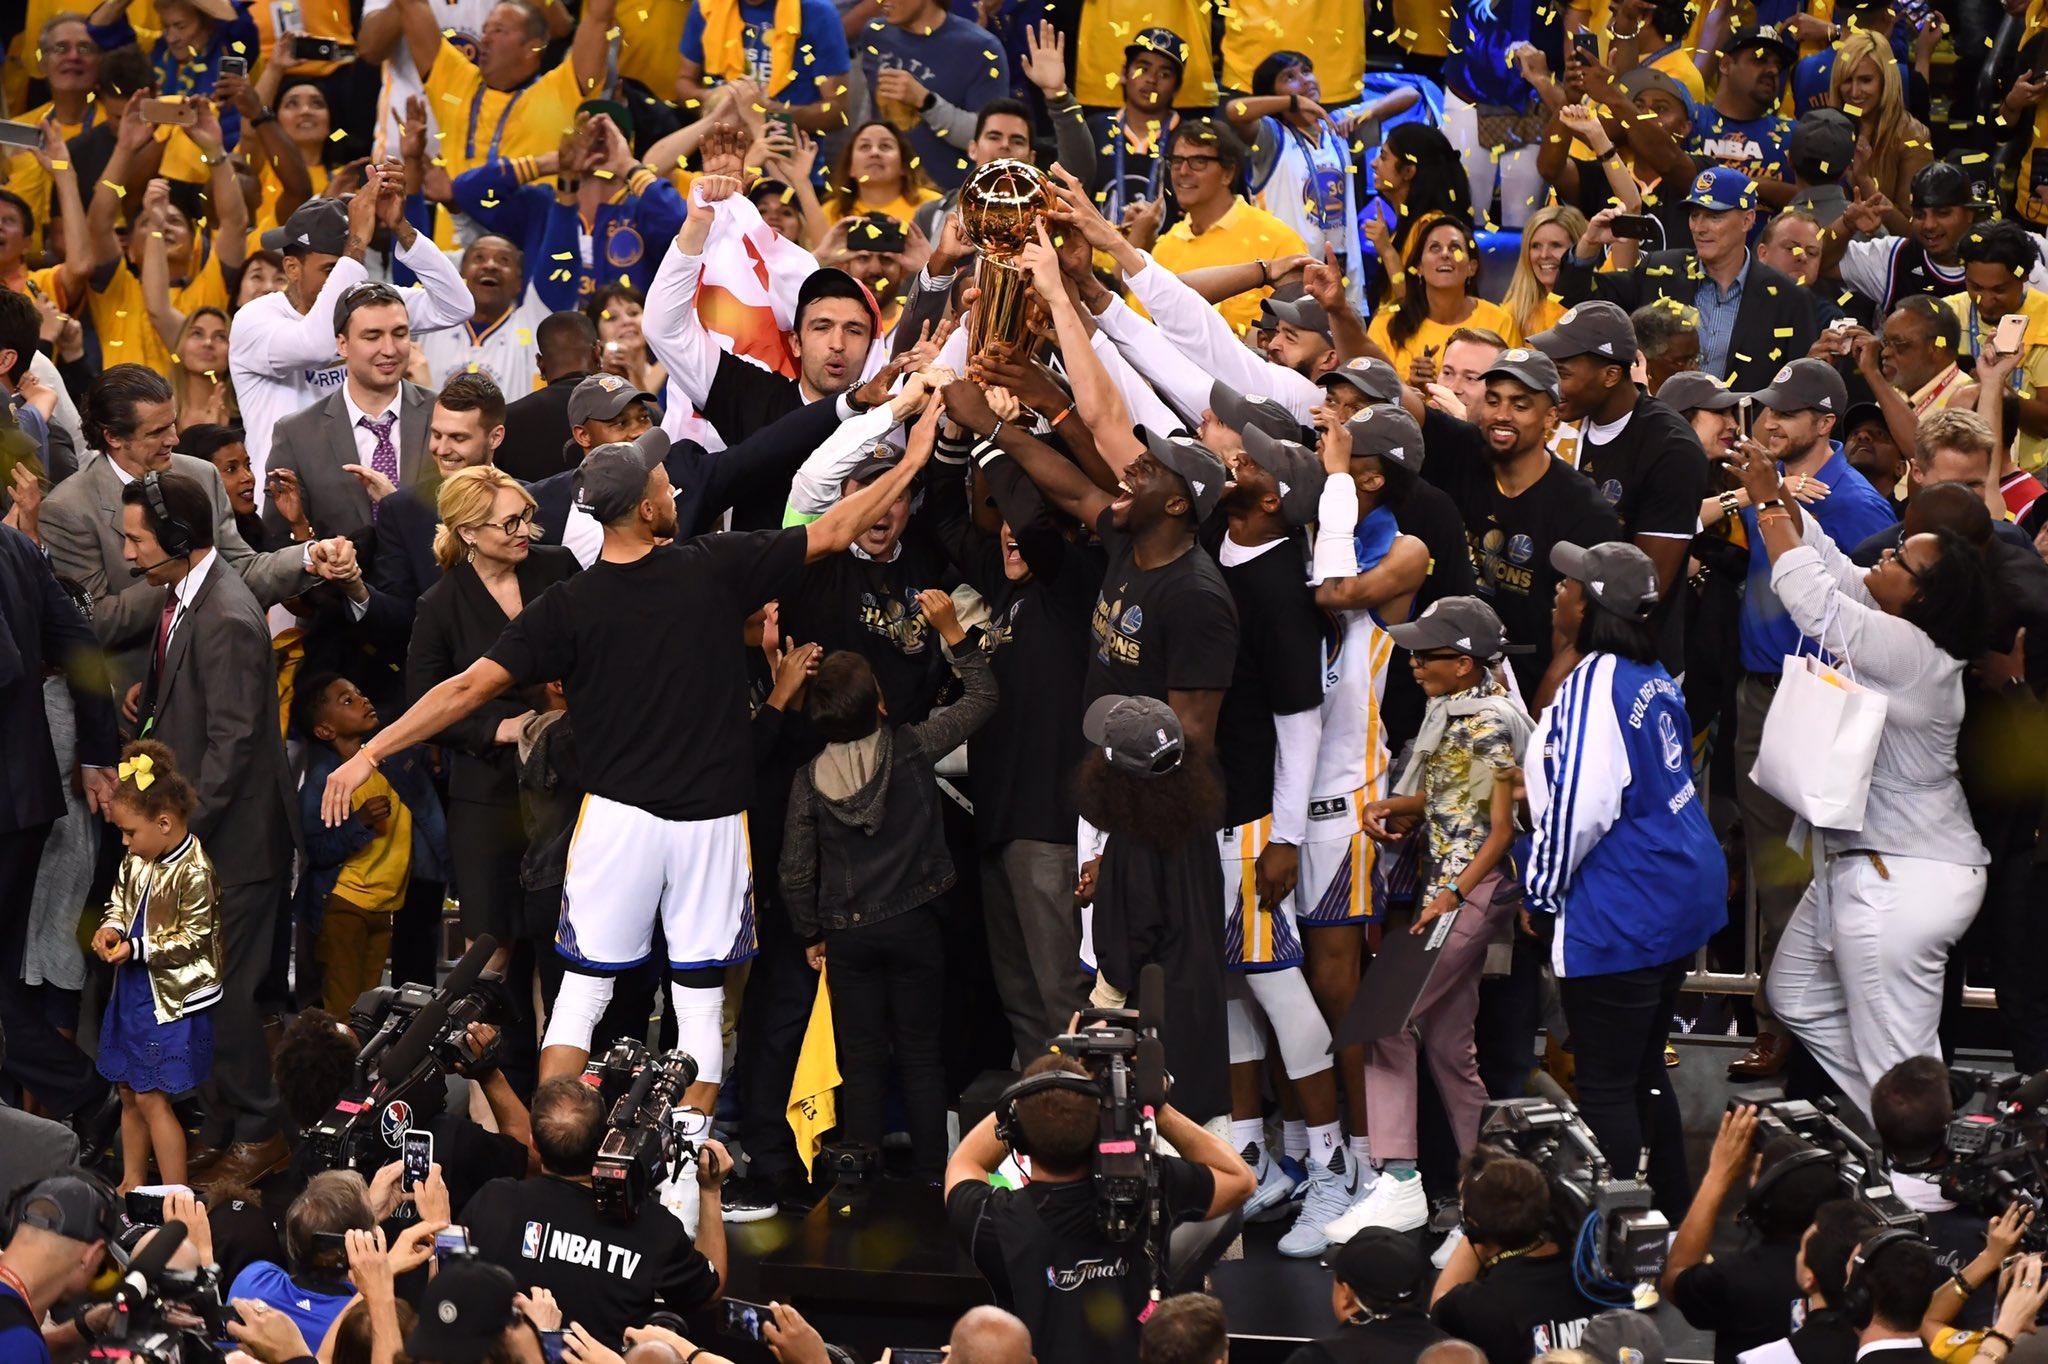 Golden State Warriors, gara 5 - © 2017 twitter.com/goldenstatewarriors